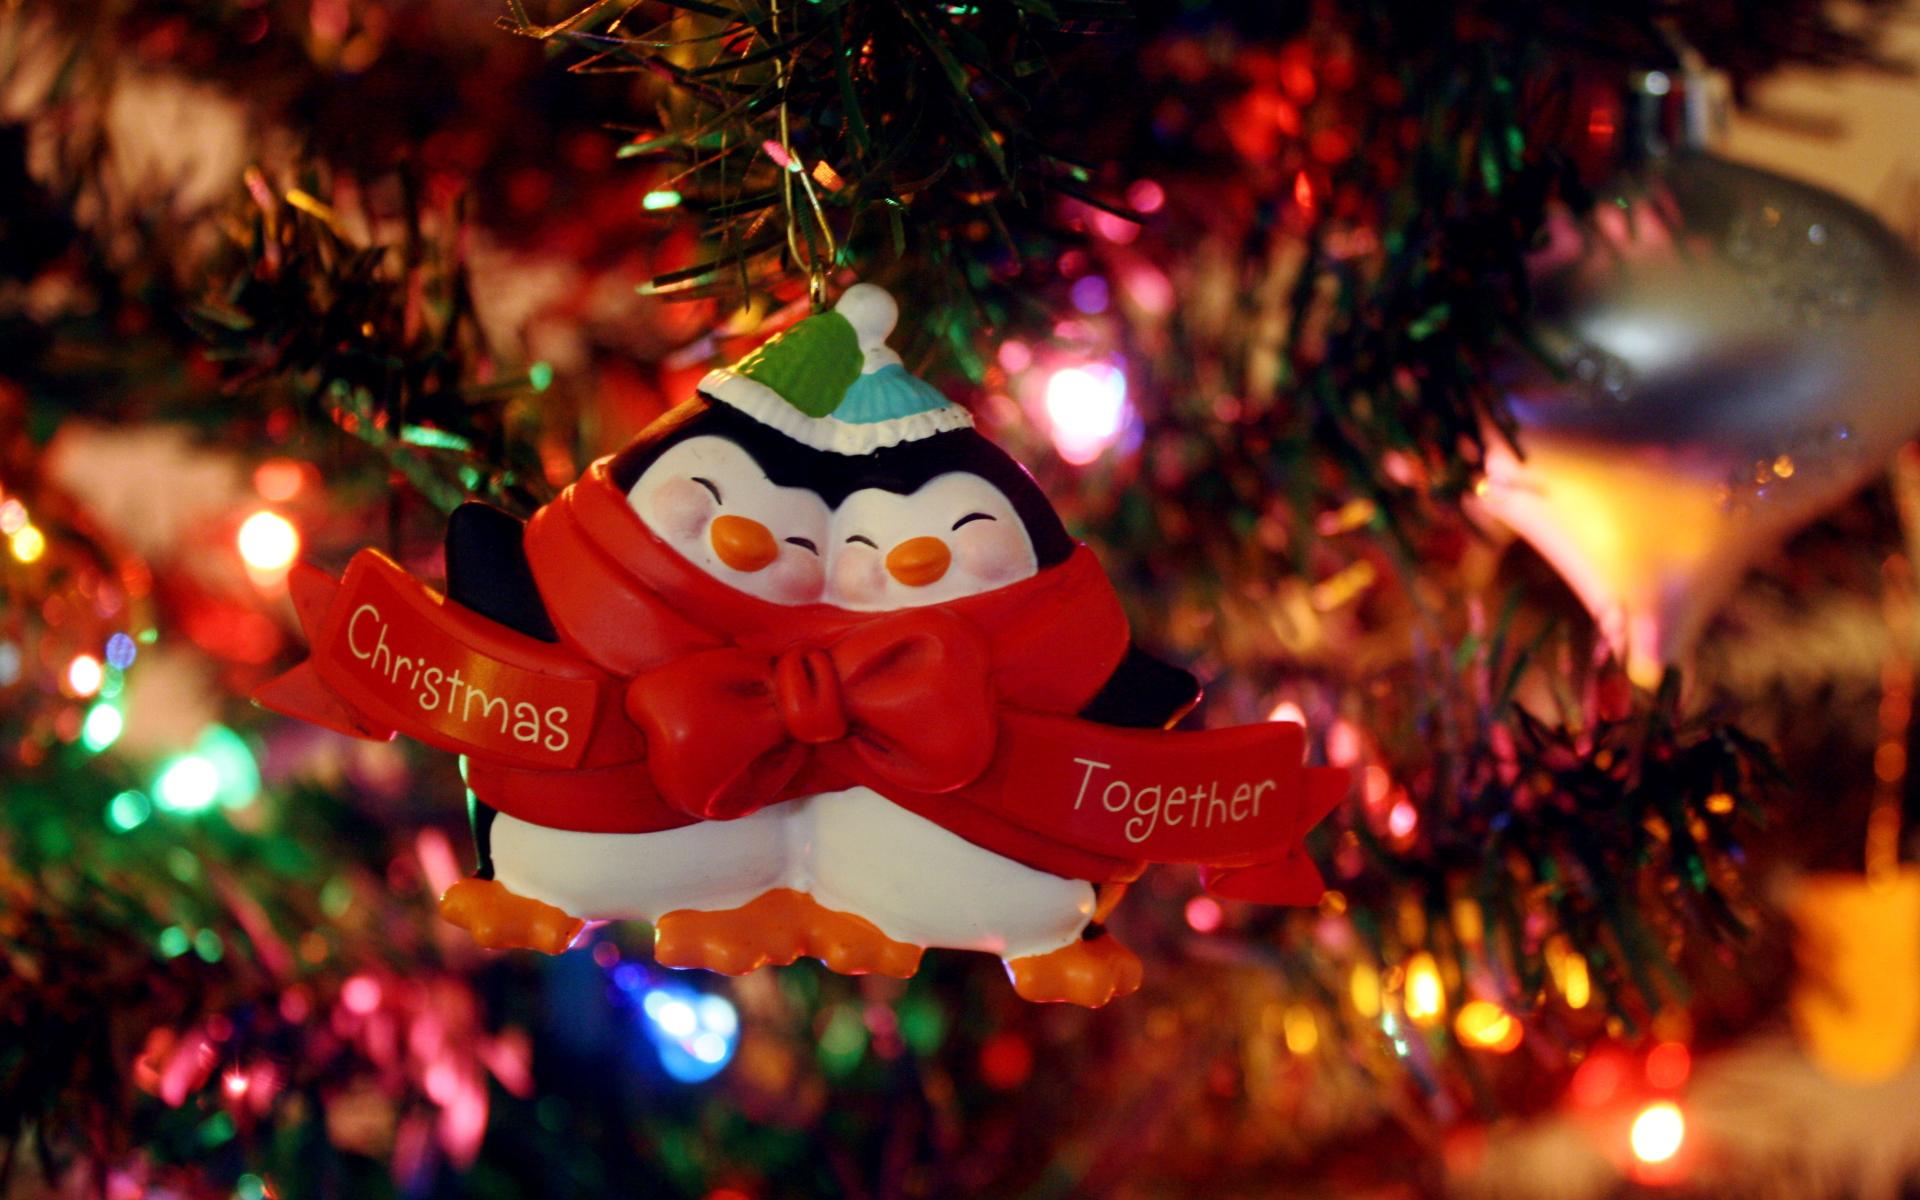 Игрушка два пингвина - C Рождеством Христовым поздравительные картинки